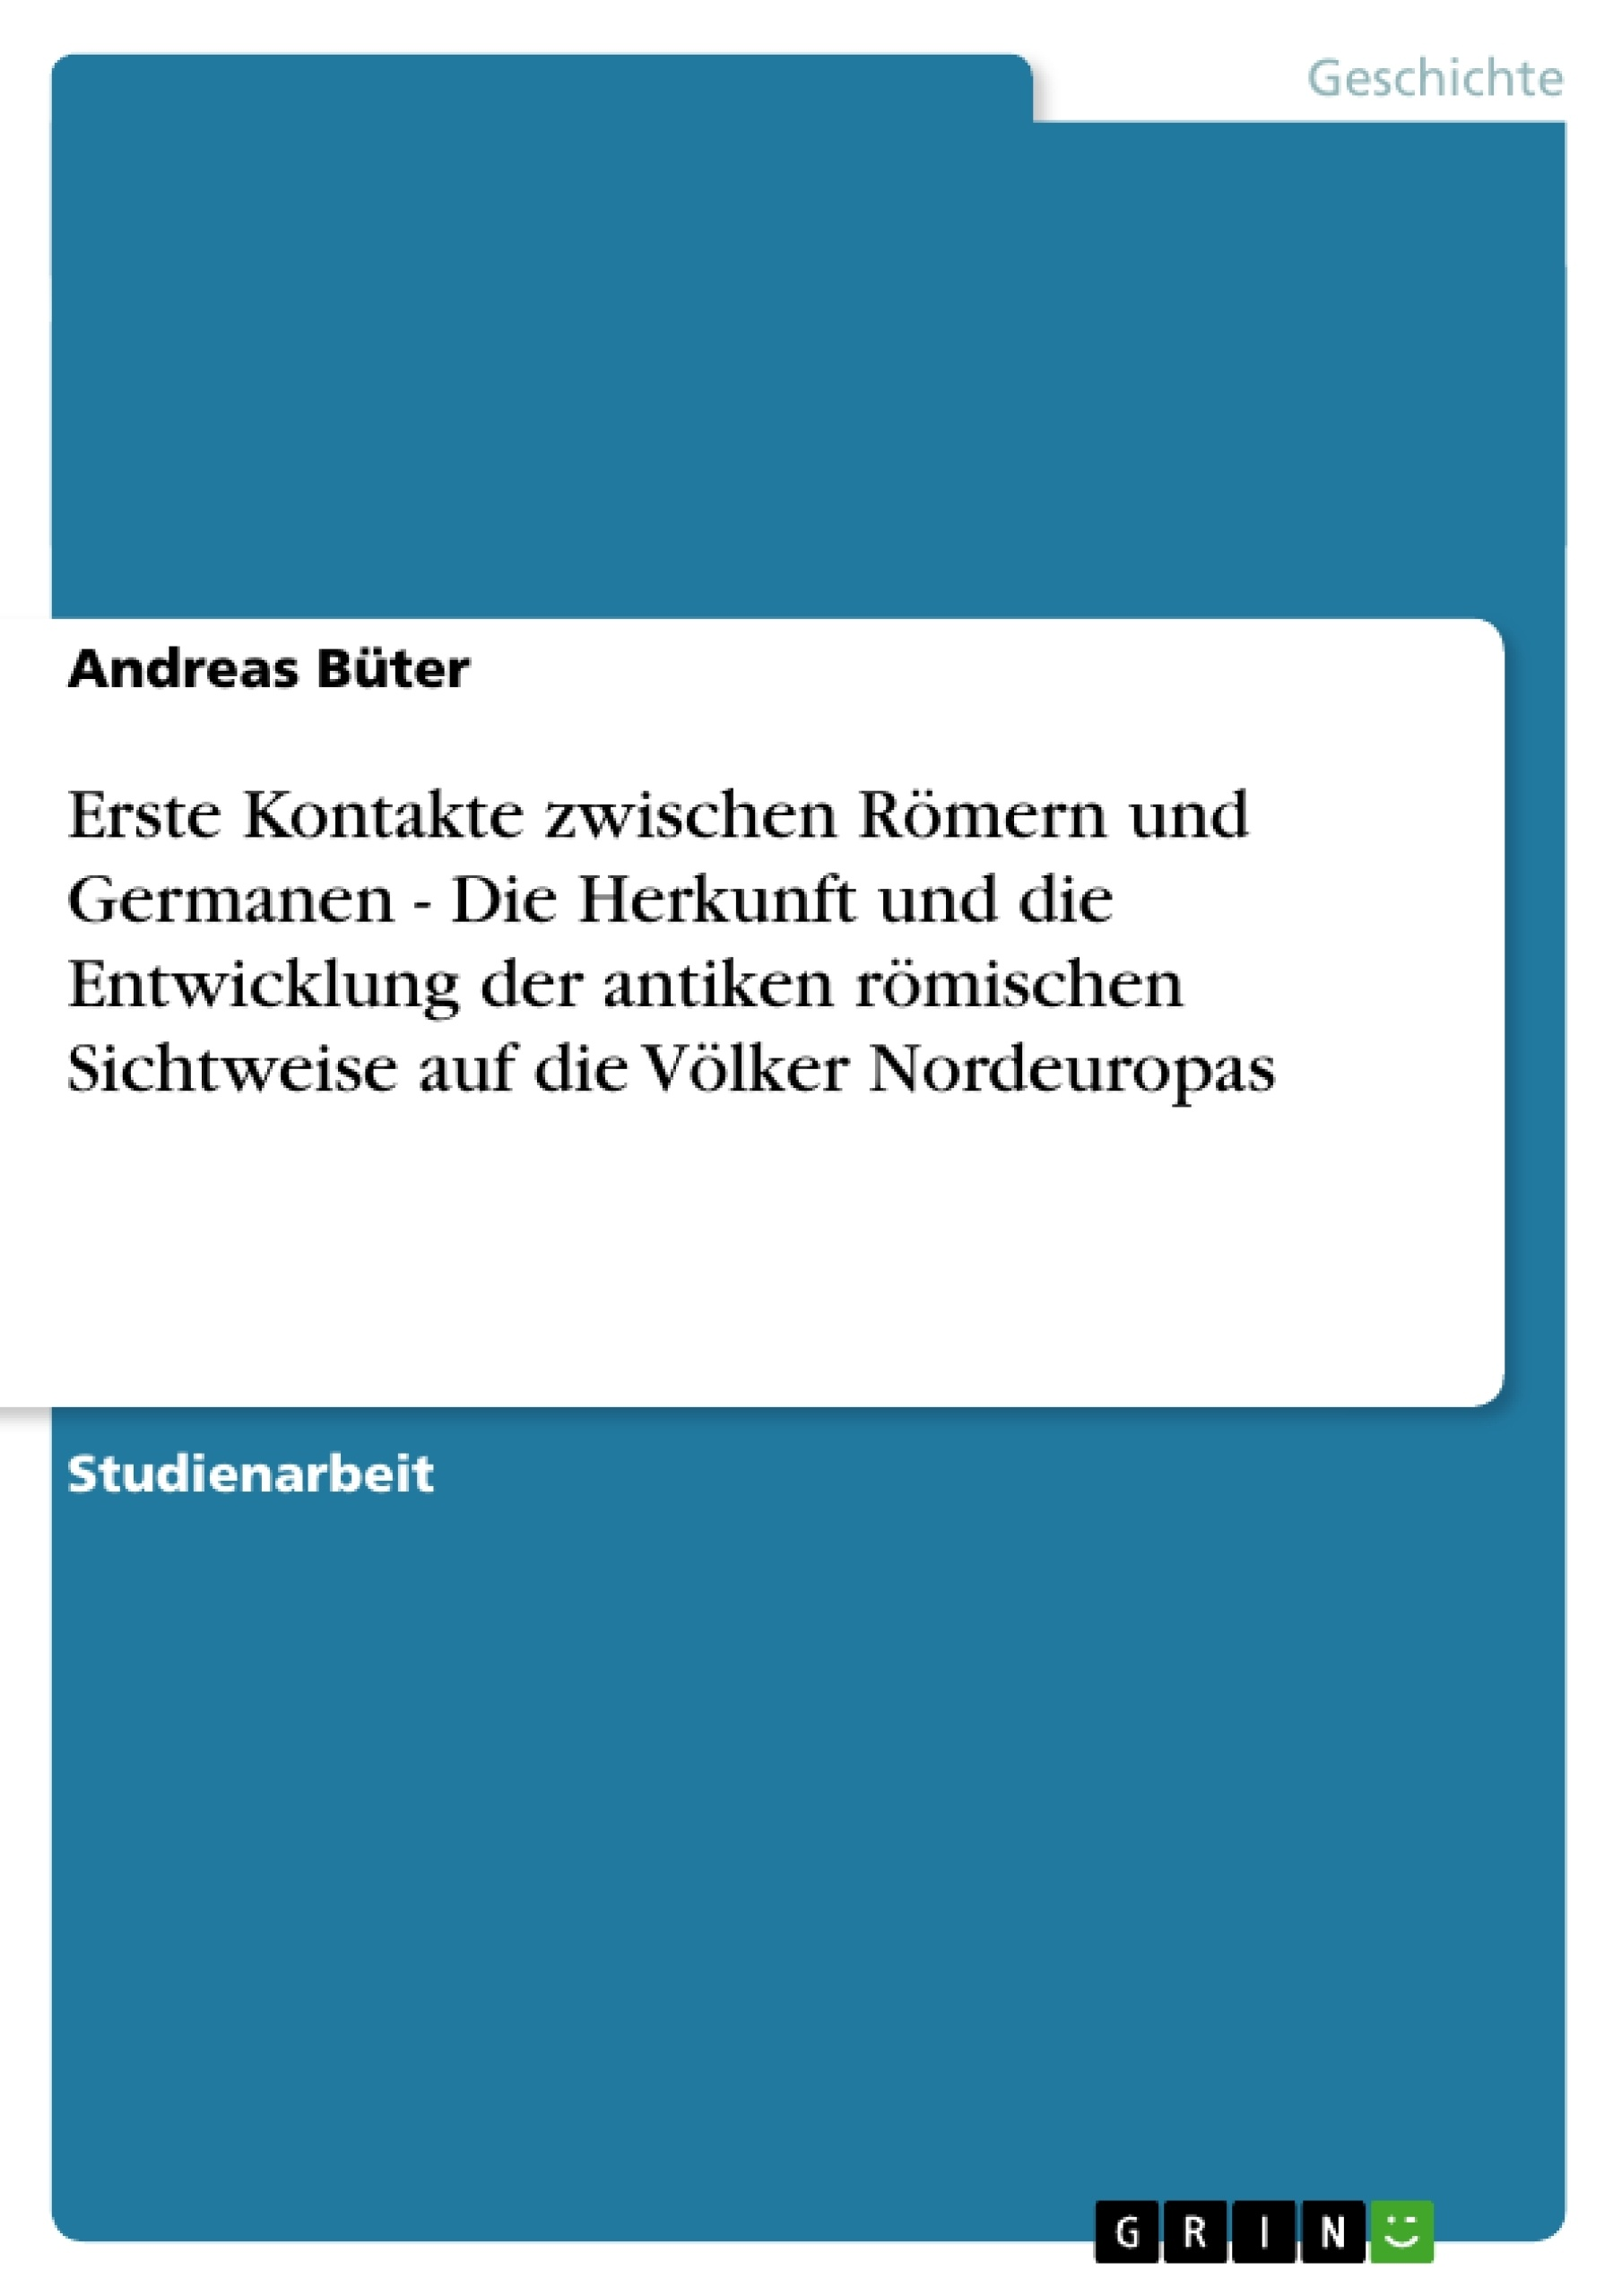 Titel: Erste Kontakte zwischen Römern und Germanen - Die Herkunft und die Entwicklung der antiken römischen Sichtweise auf die Völker Nordeuropas